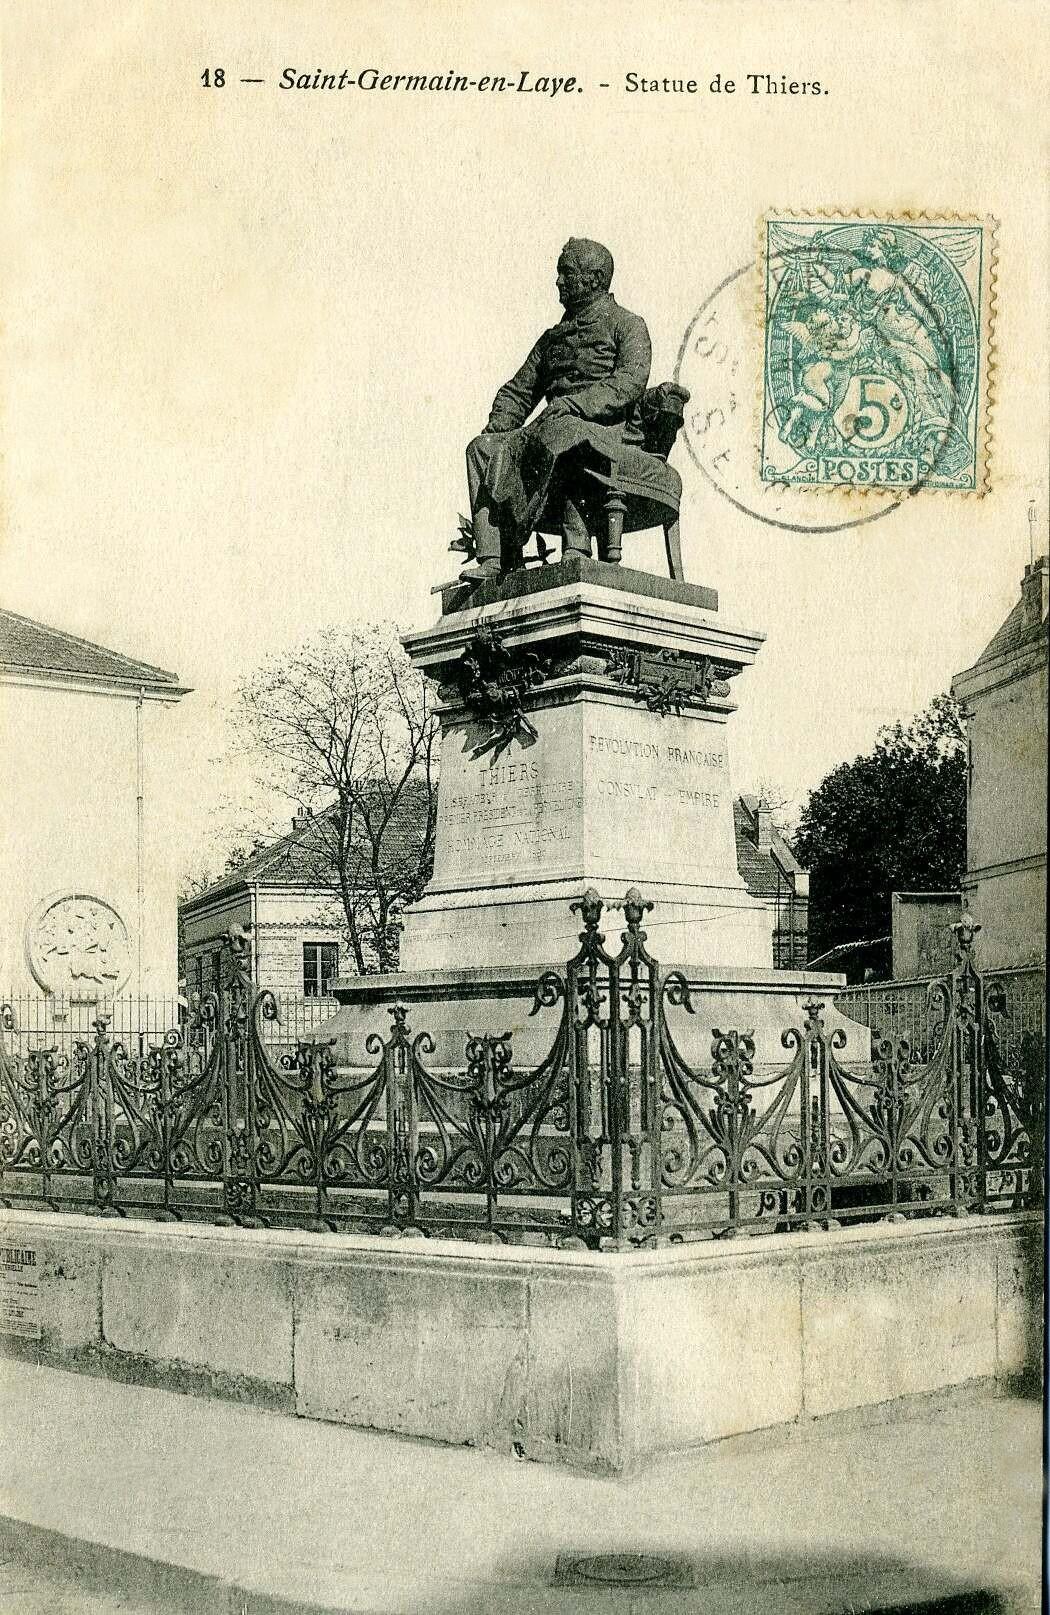 https://upload.wikimedia.org/wikipedia/commons/b/b4/Saint-Germain-en-Laye_-_Statue_de_Thiers001.jpg